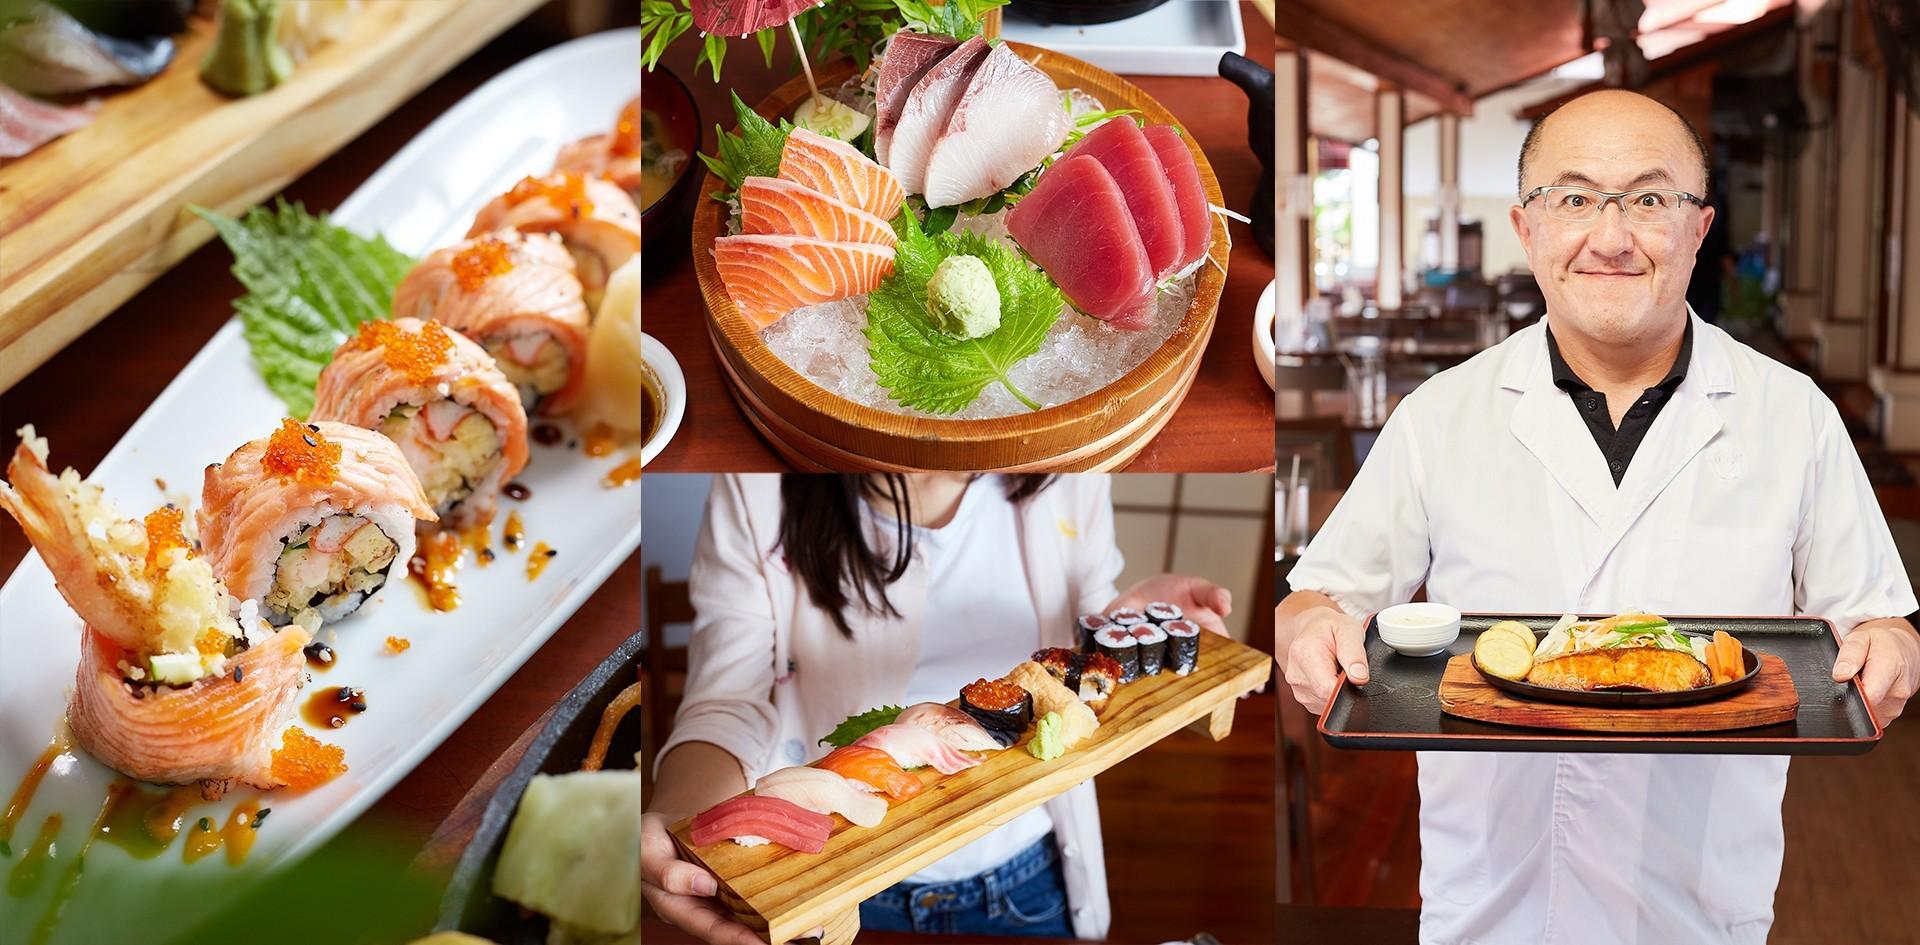 ร้านอาหารญี่ปุ่น วัตถุดิบคุณภาพ ฟินเหมือนกินอยู่ญี่ปุ่น Tsubaki ชลบุรี